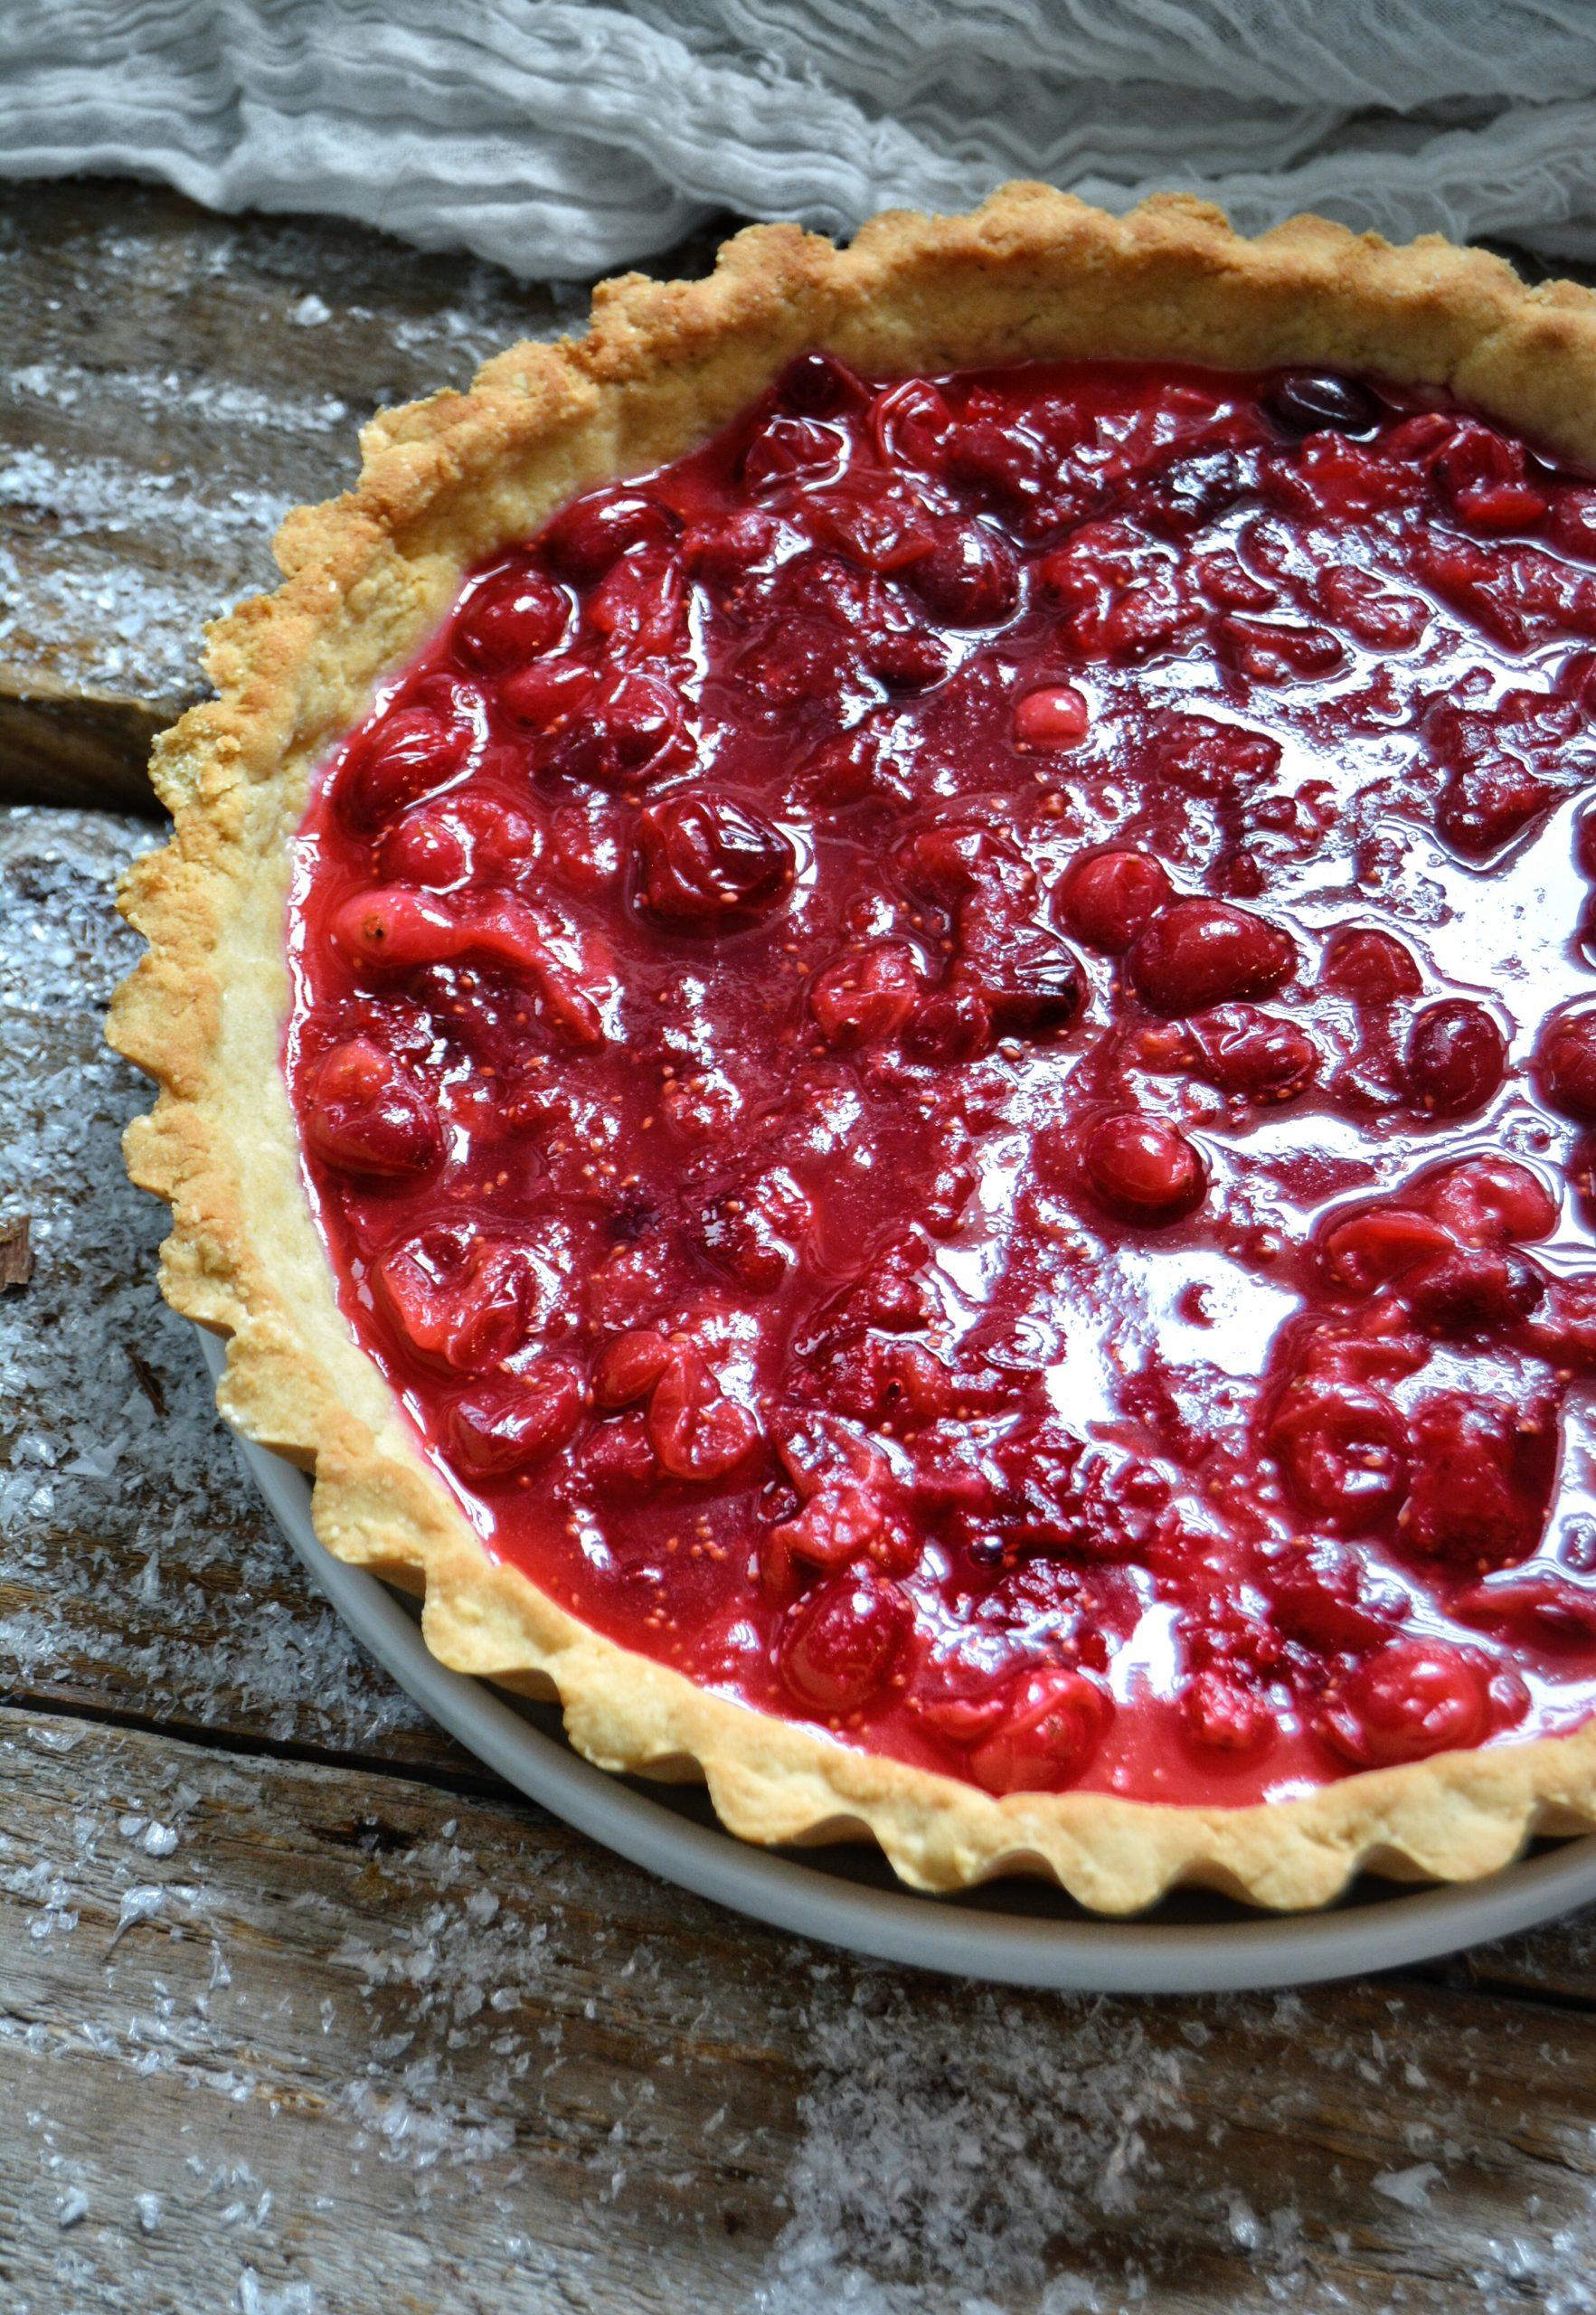 La couche de cranberries